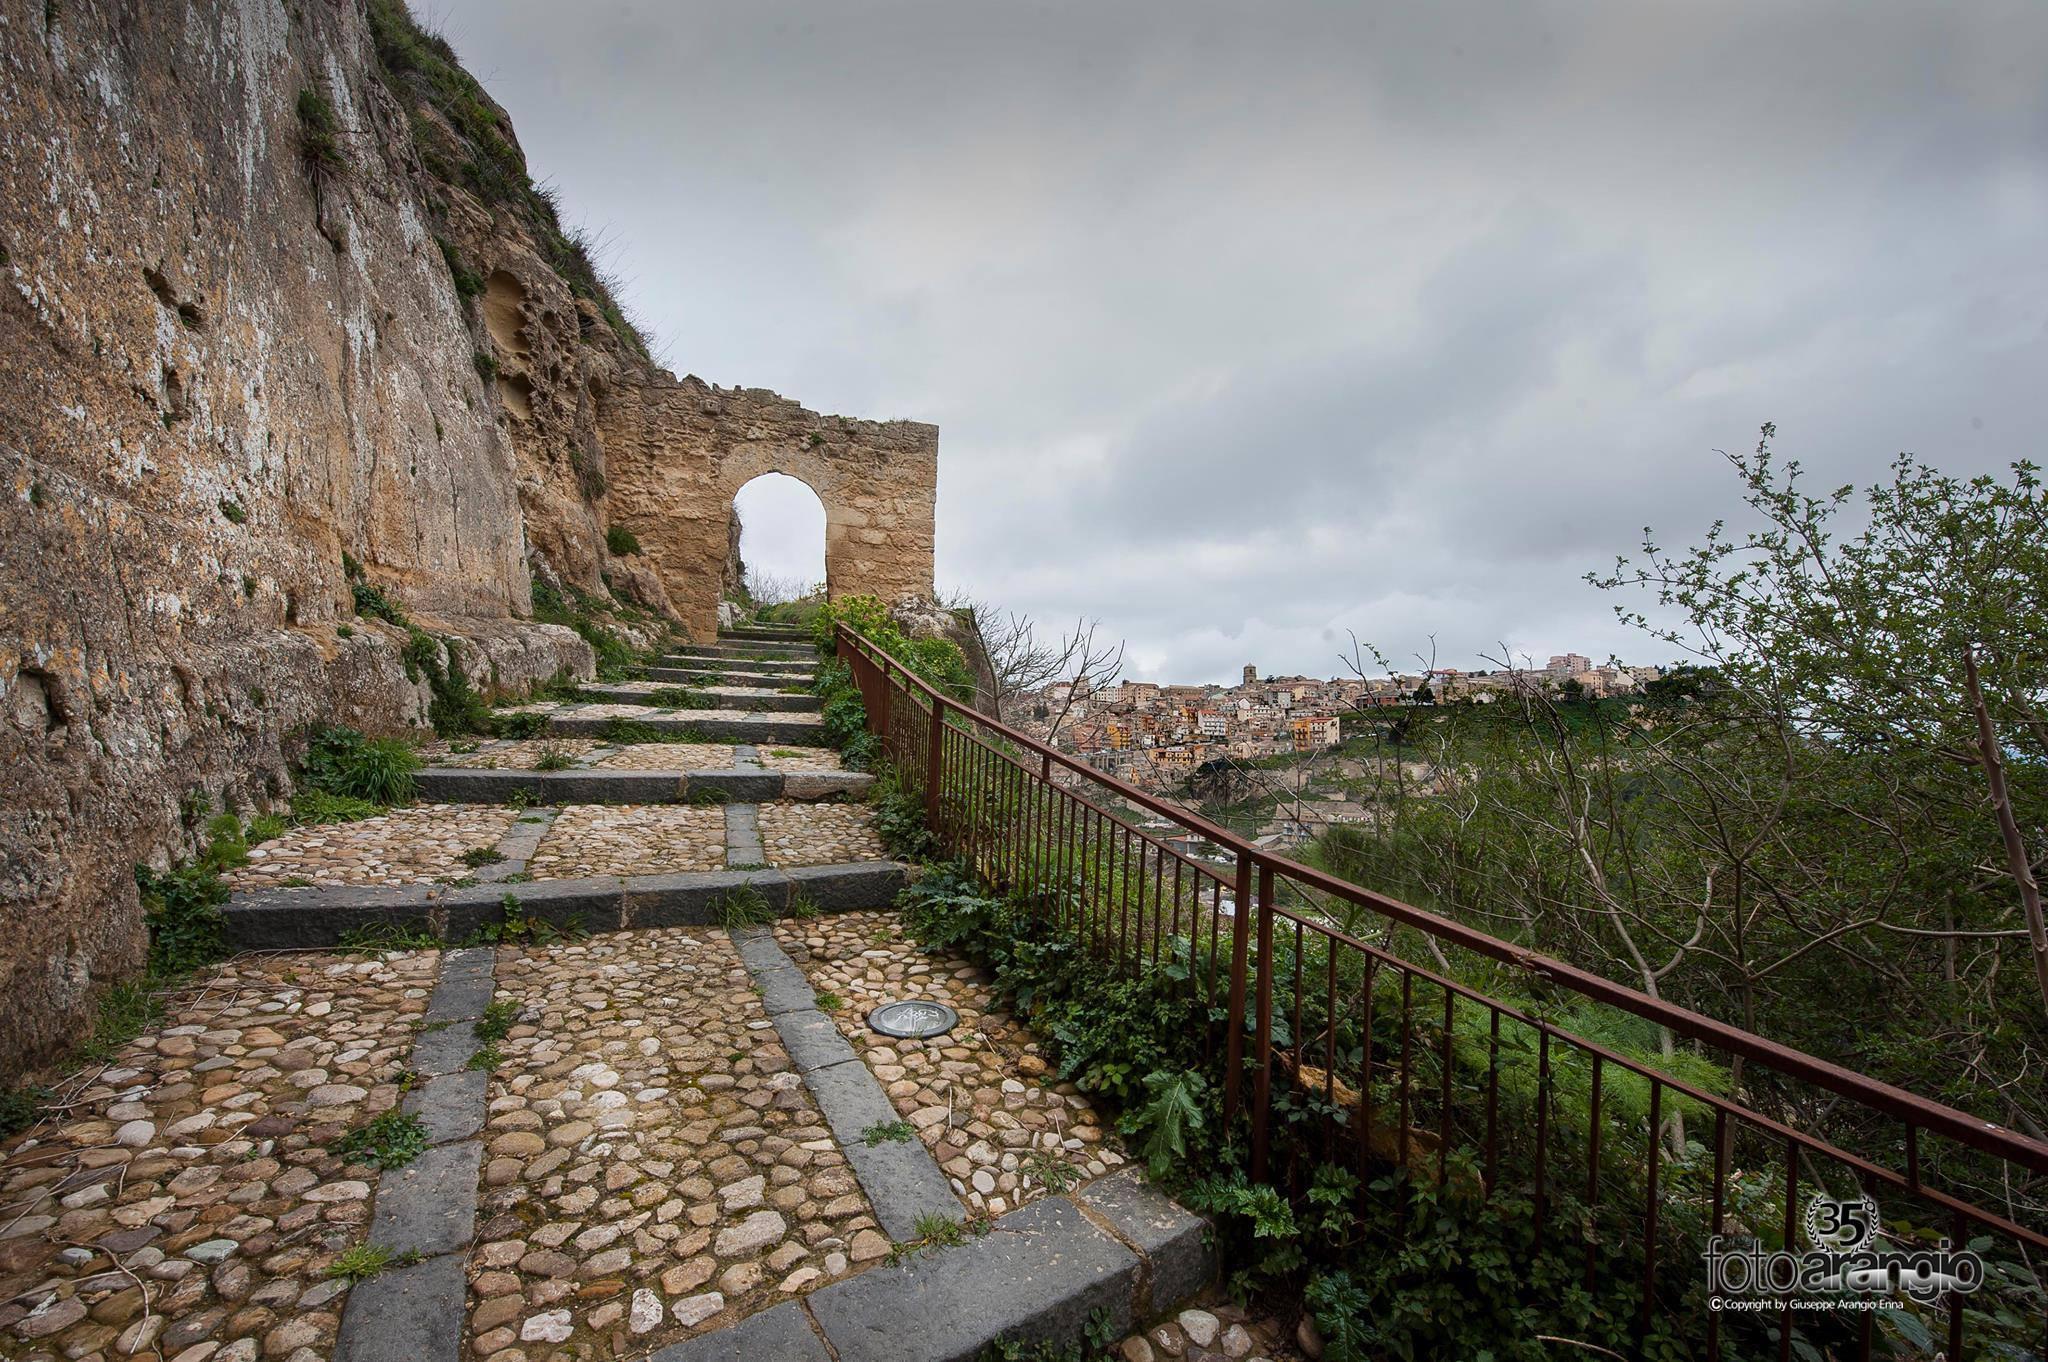 Enna 10 cose da fare | Visit Sicily pagina ufficiale